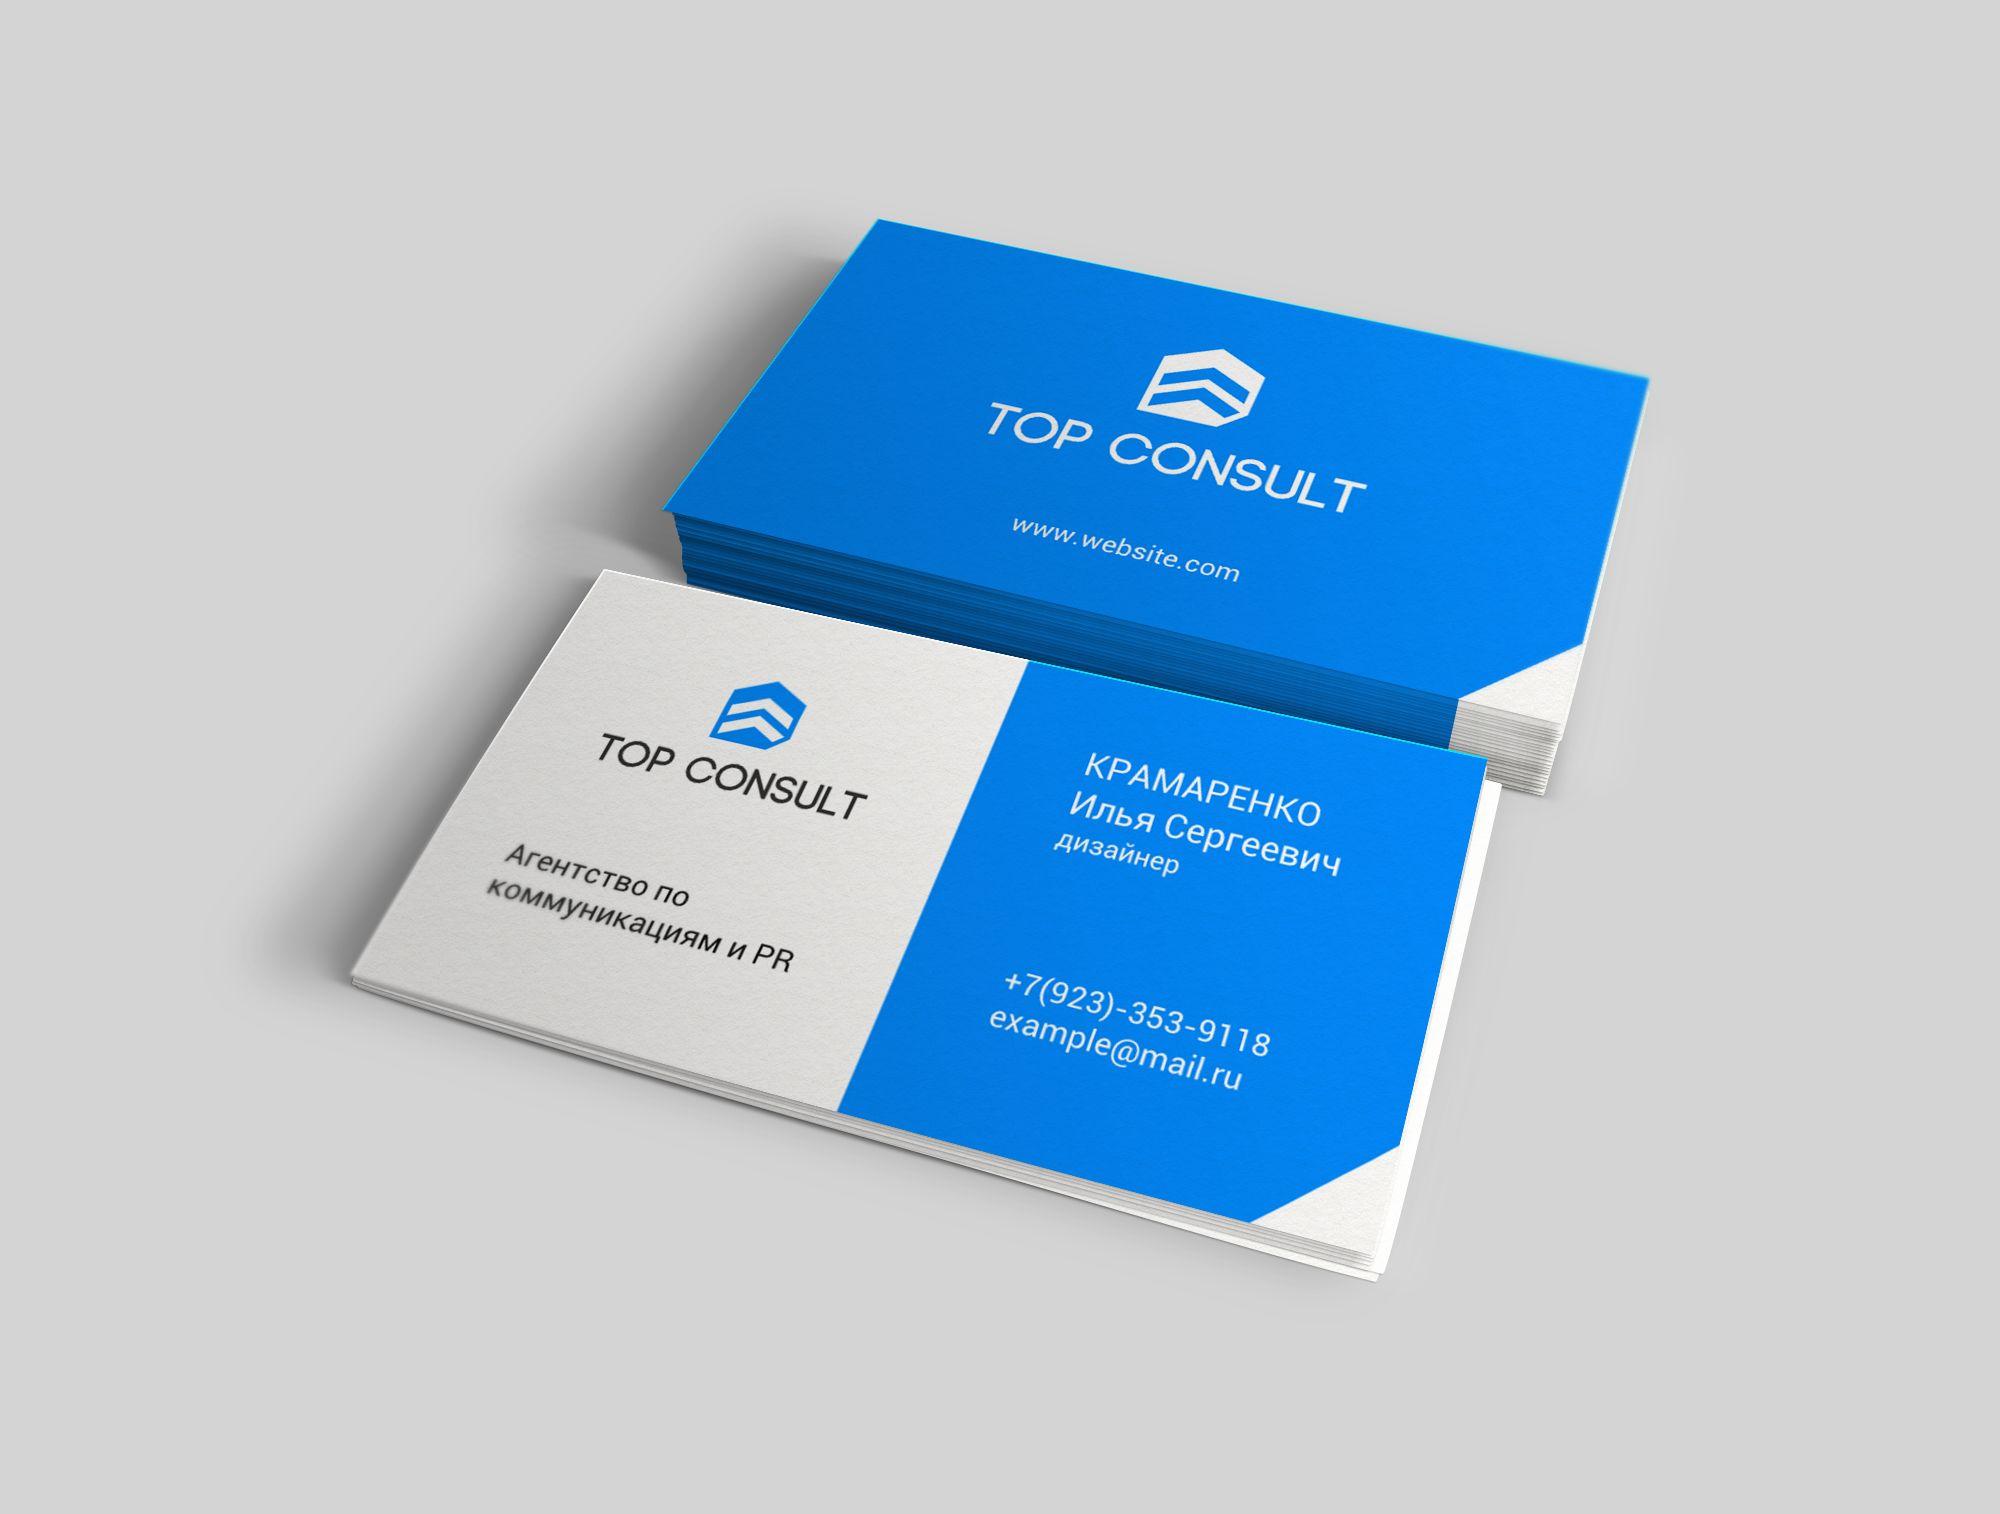 фирстиль агентства по коммуникациям - дизайнер CyberGeek